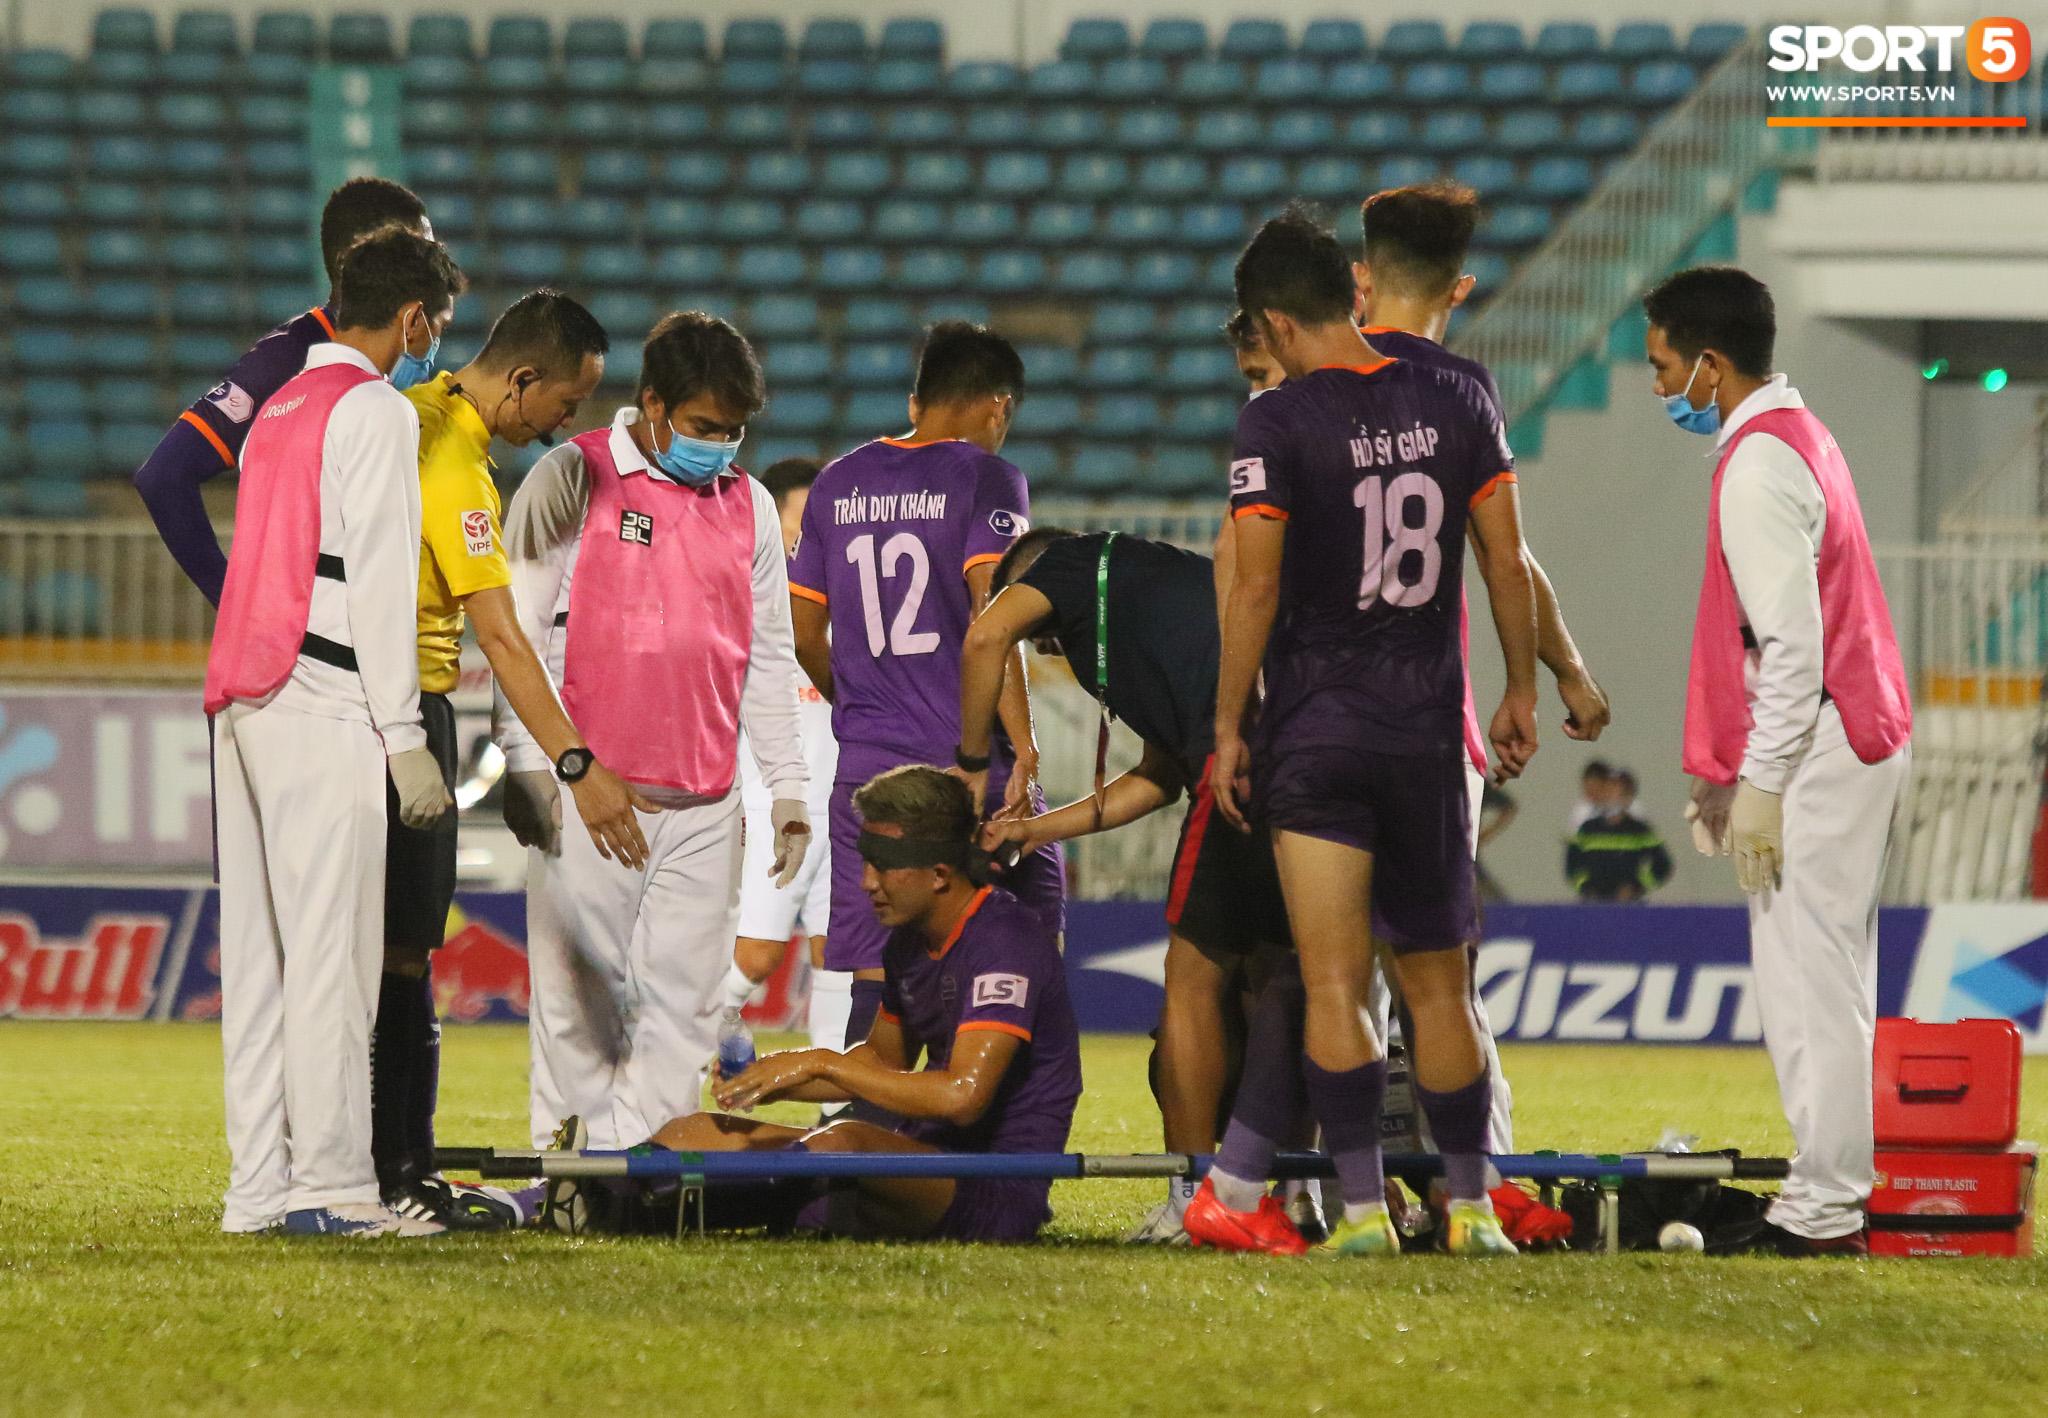 Cầu thủ Bình Dương chảy máu vẫn tiếp tục thi đấu, CLB HAGL bị tố chơi không fair-play - ảnh 4